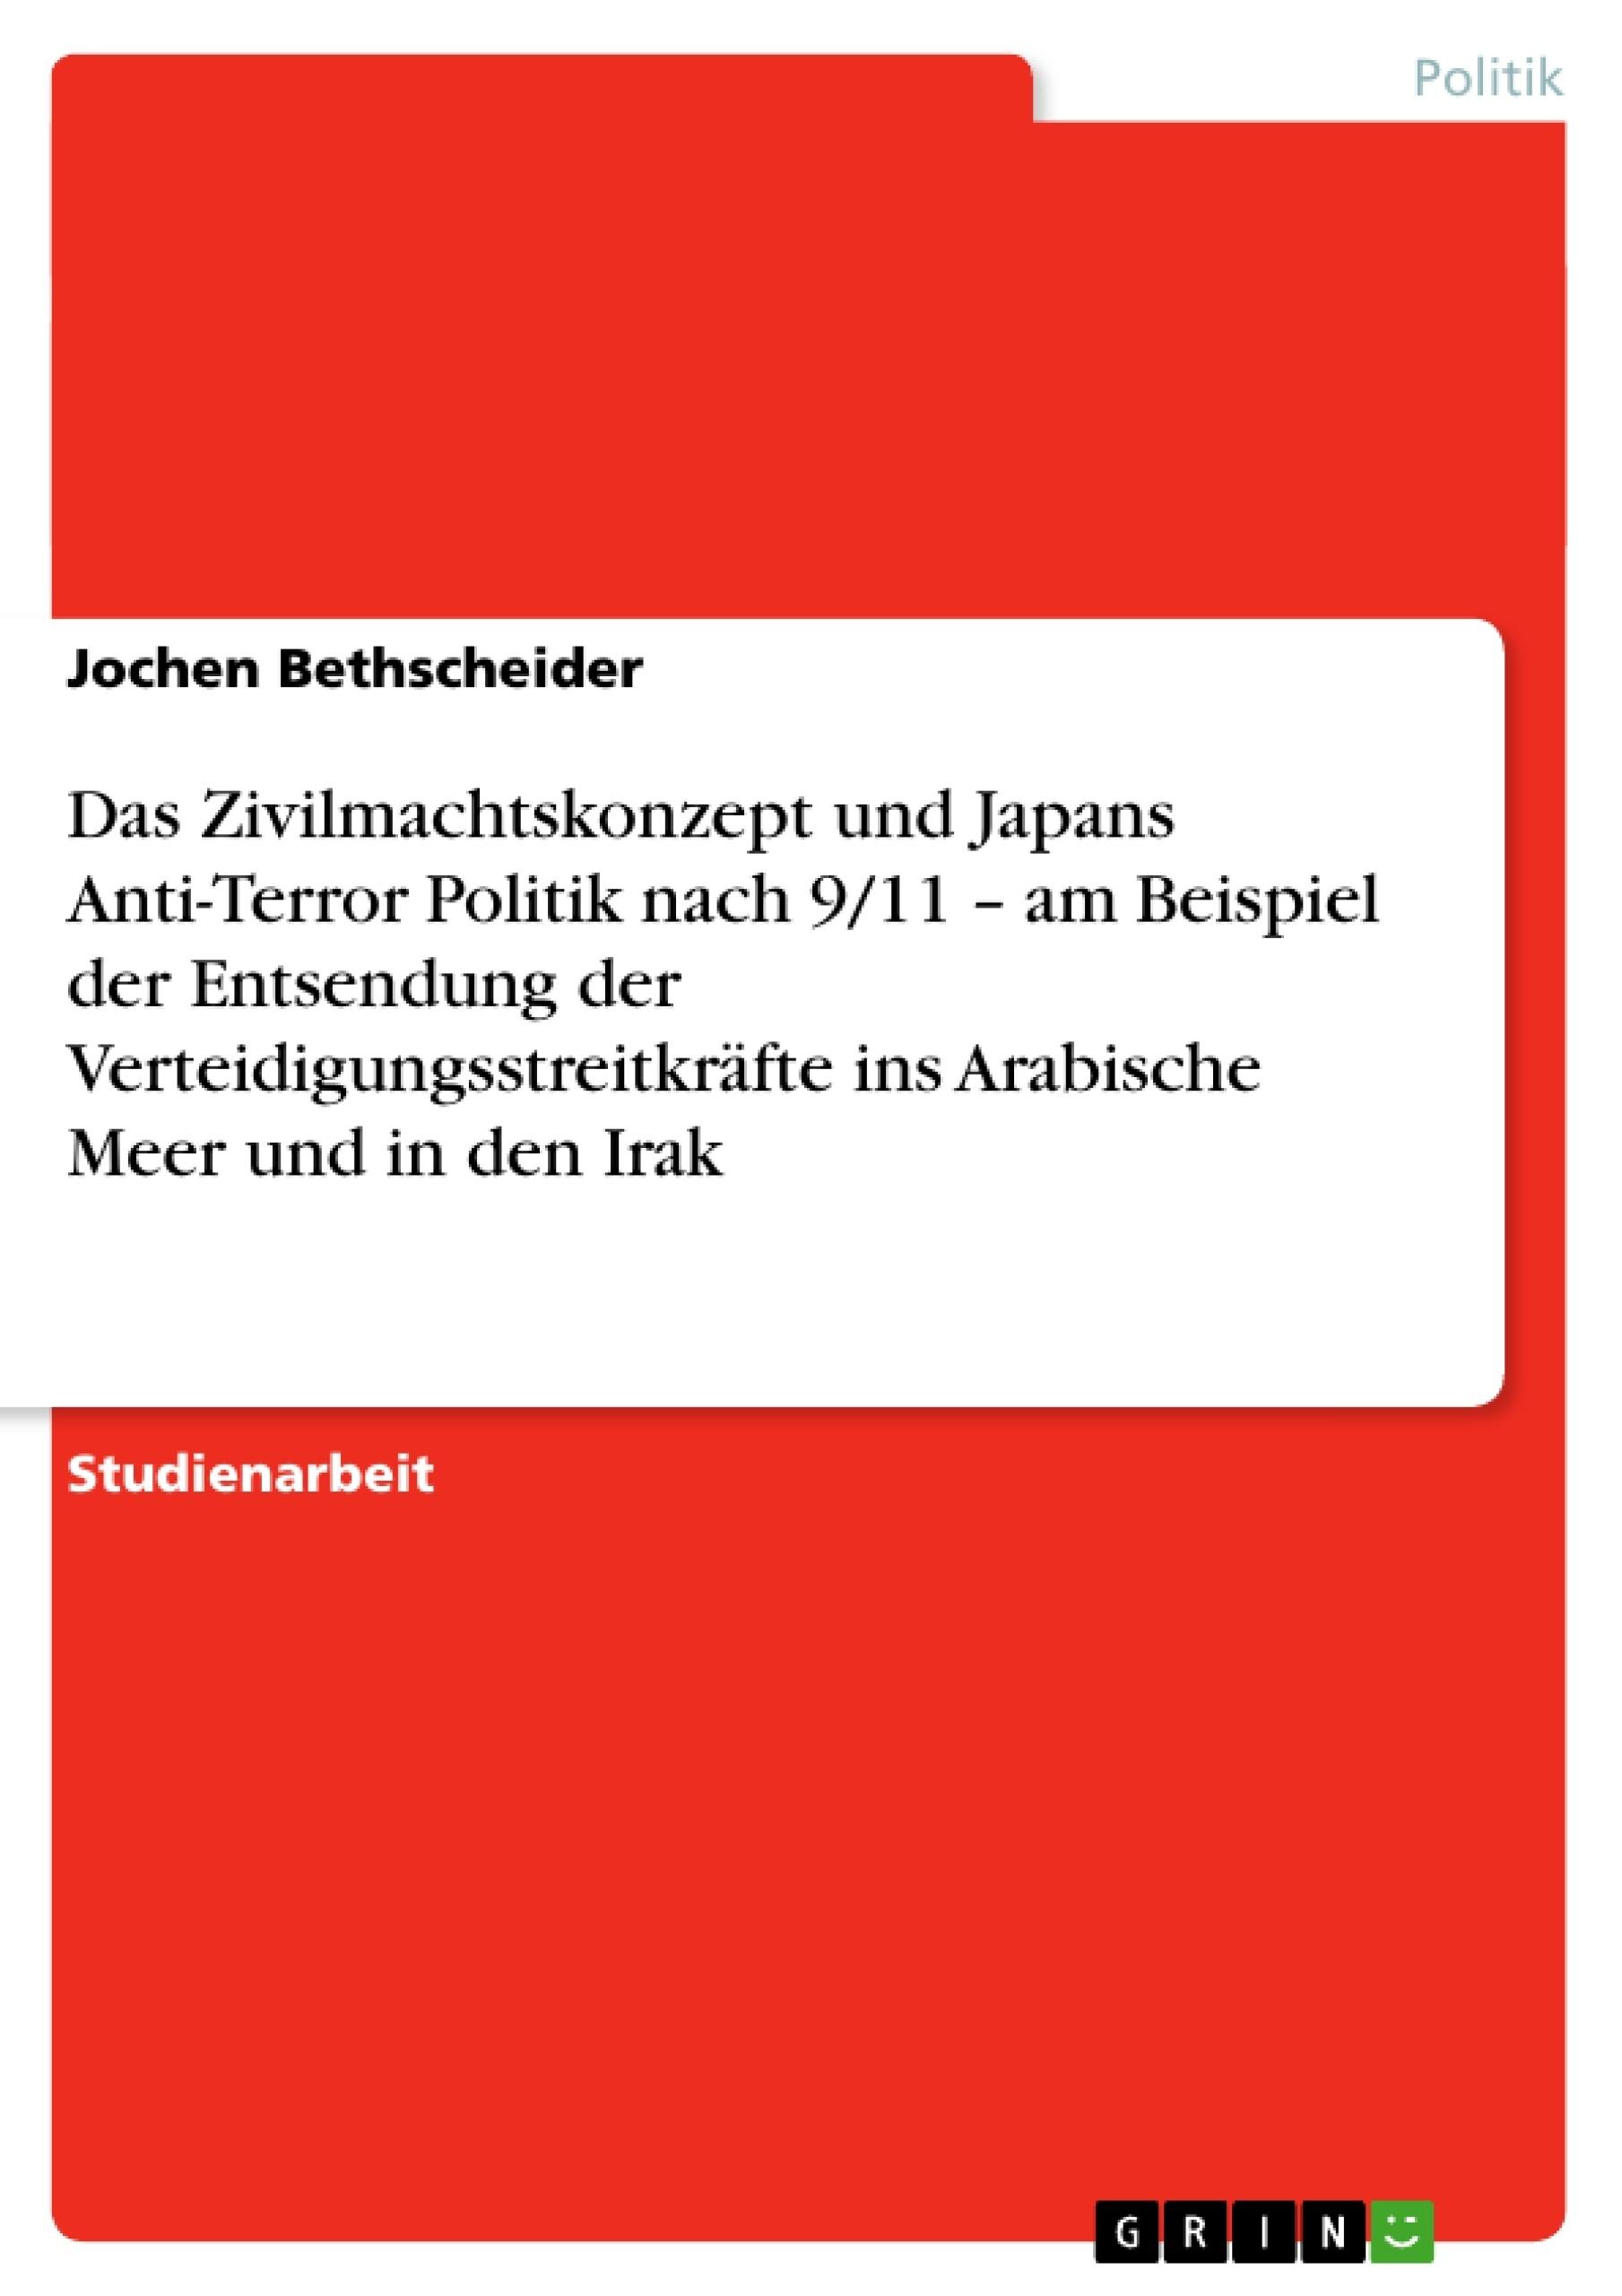 Titel: Das Zivilmachtskonzept und Japans Anti-Terror Politik nach 9/11 – am Beispiel der Entsendung der Verteidigungsstreitkräfte ins Arabische Meer und in den Irak